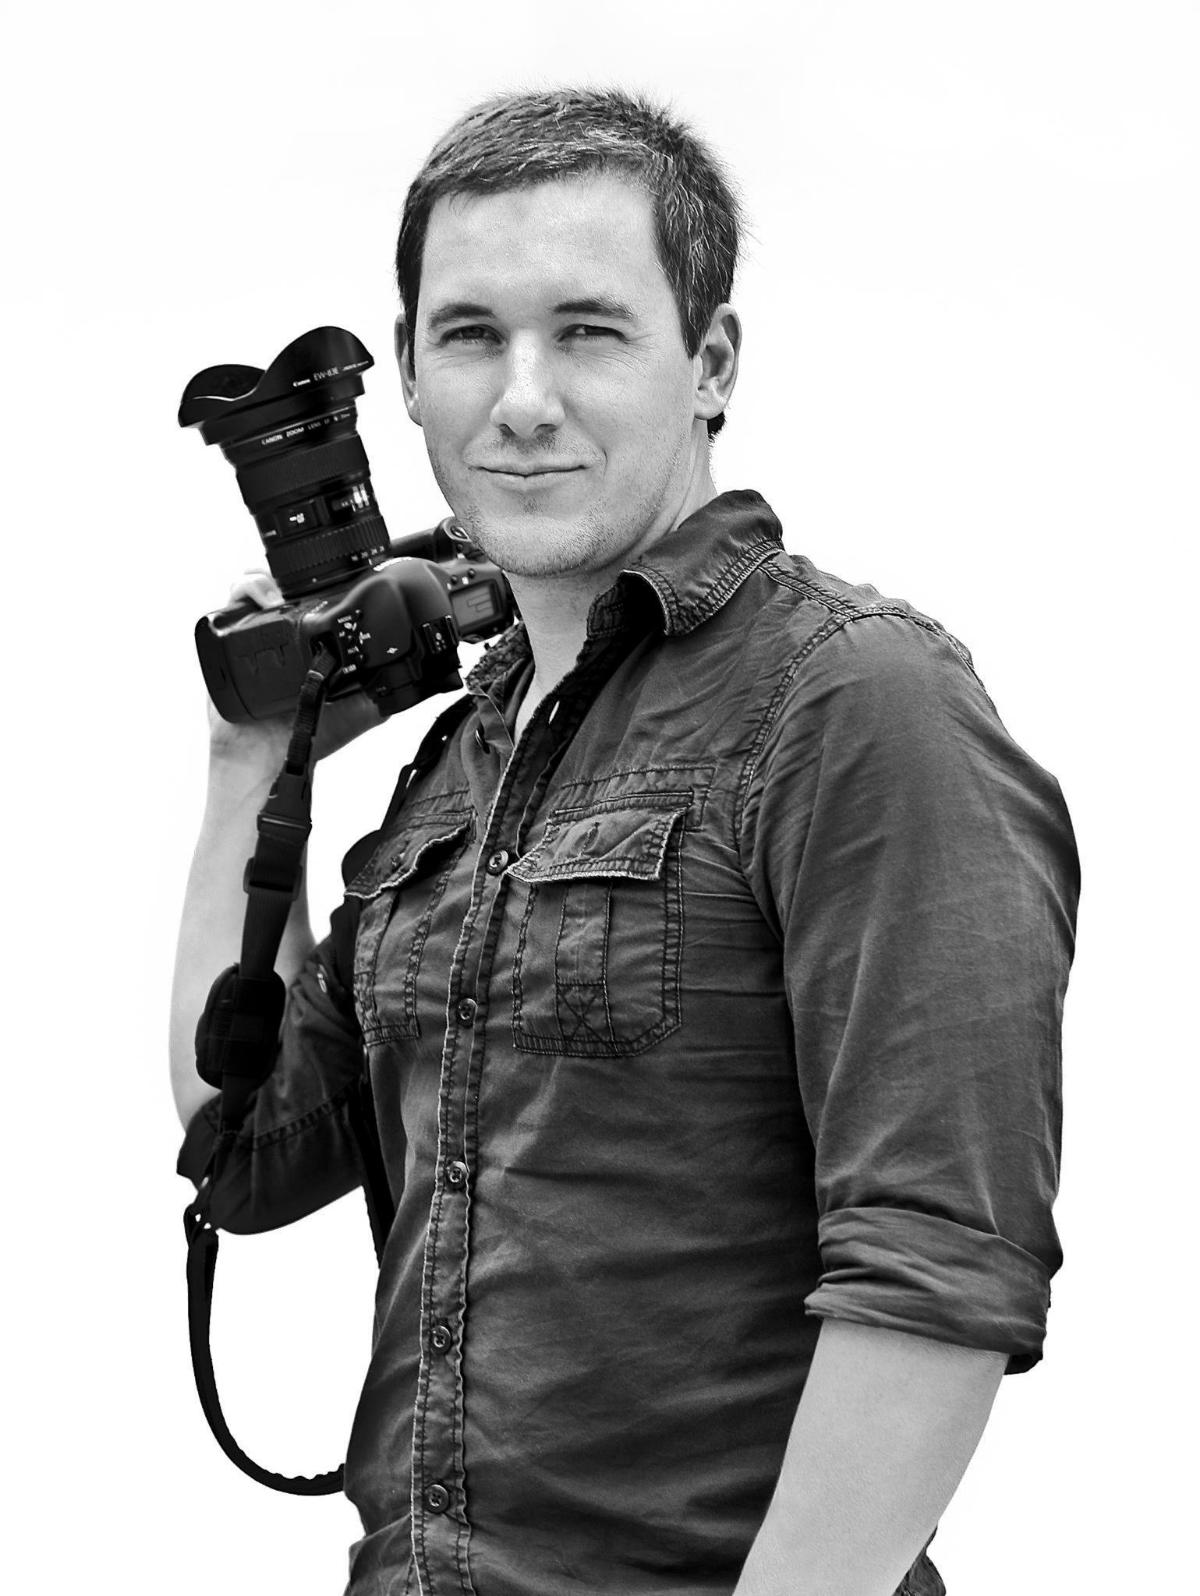 Photographer Alan De Herrera